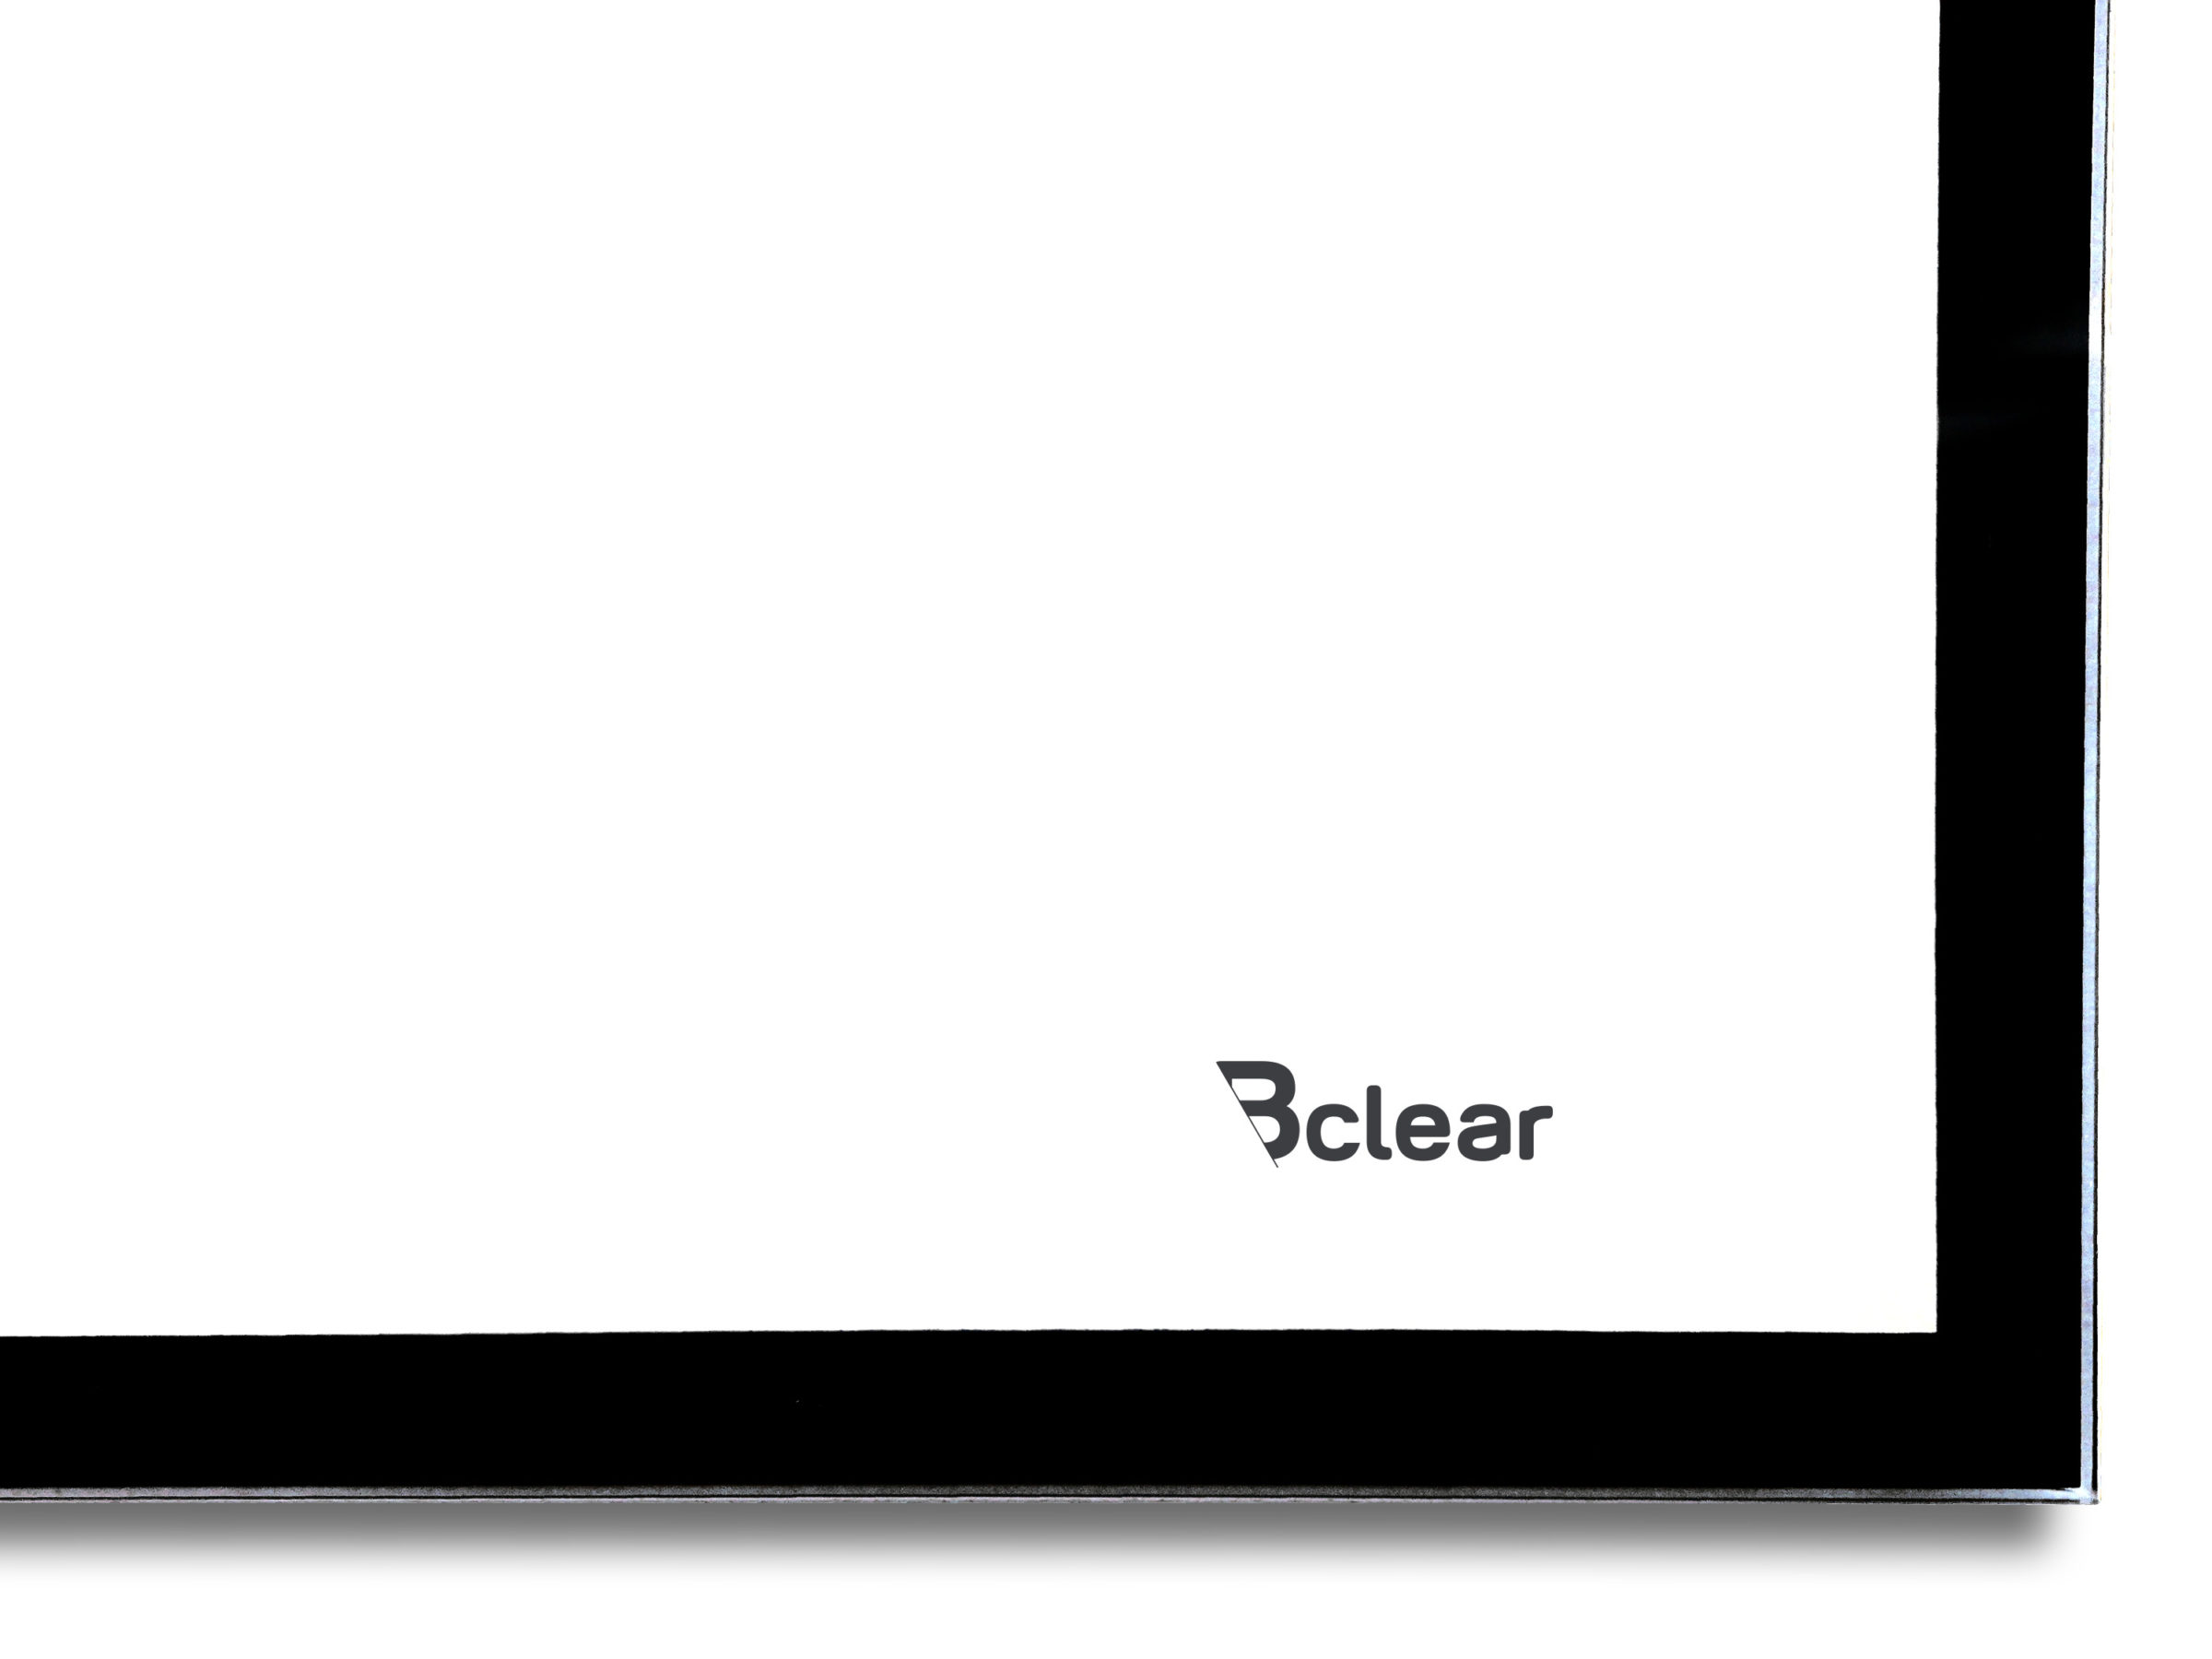 לוח זכוכית מחיק עם מסגרת שחורה, תקריב, Bclear